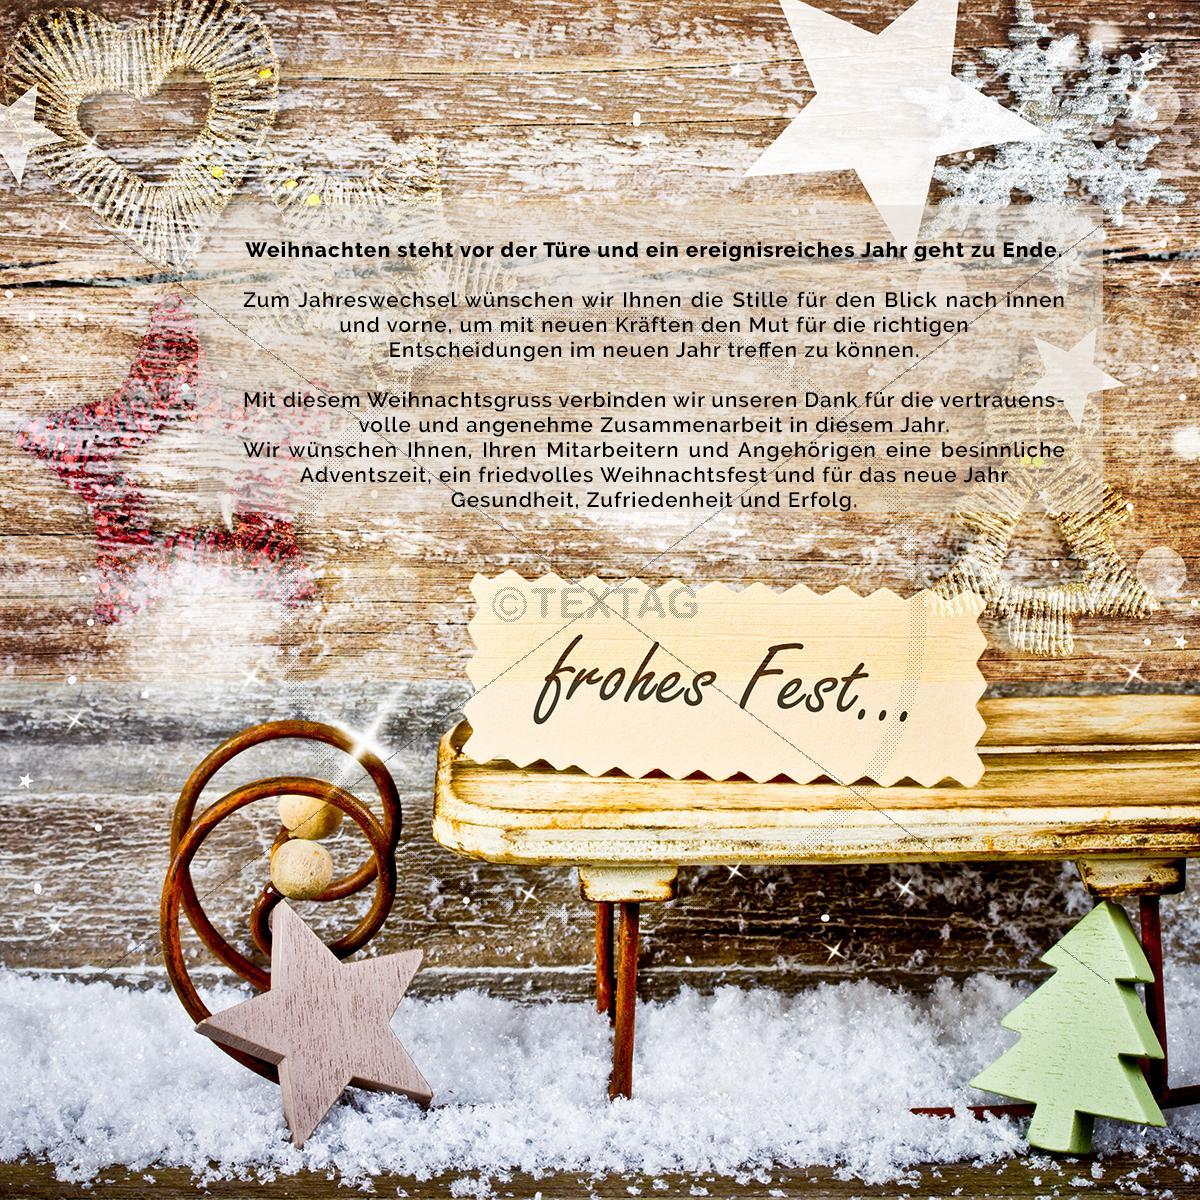 Virtuelle Weihnachtskarten.Weihnachts Ecard Für Firmen Nostalgie 03501